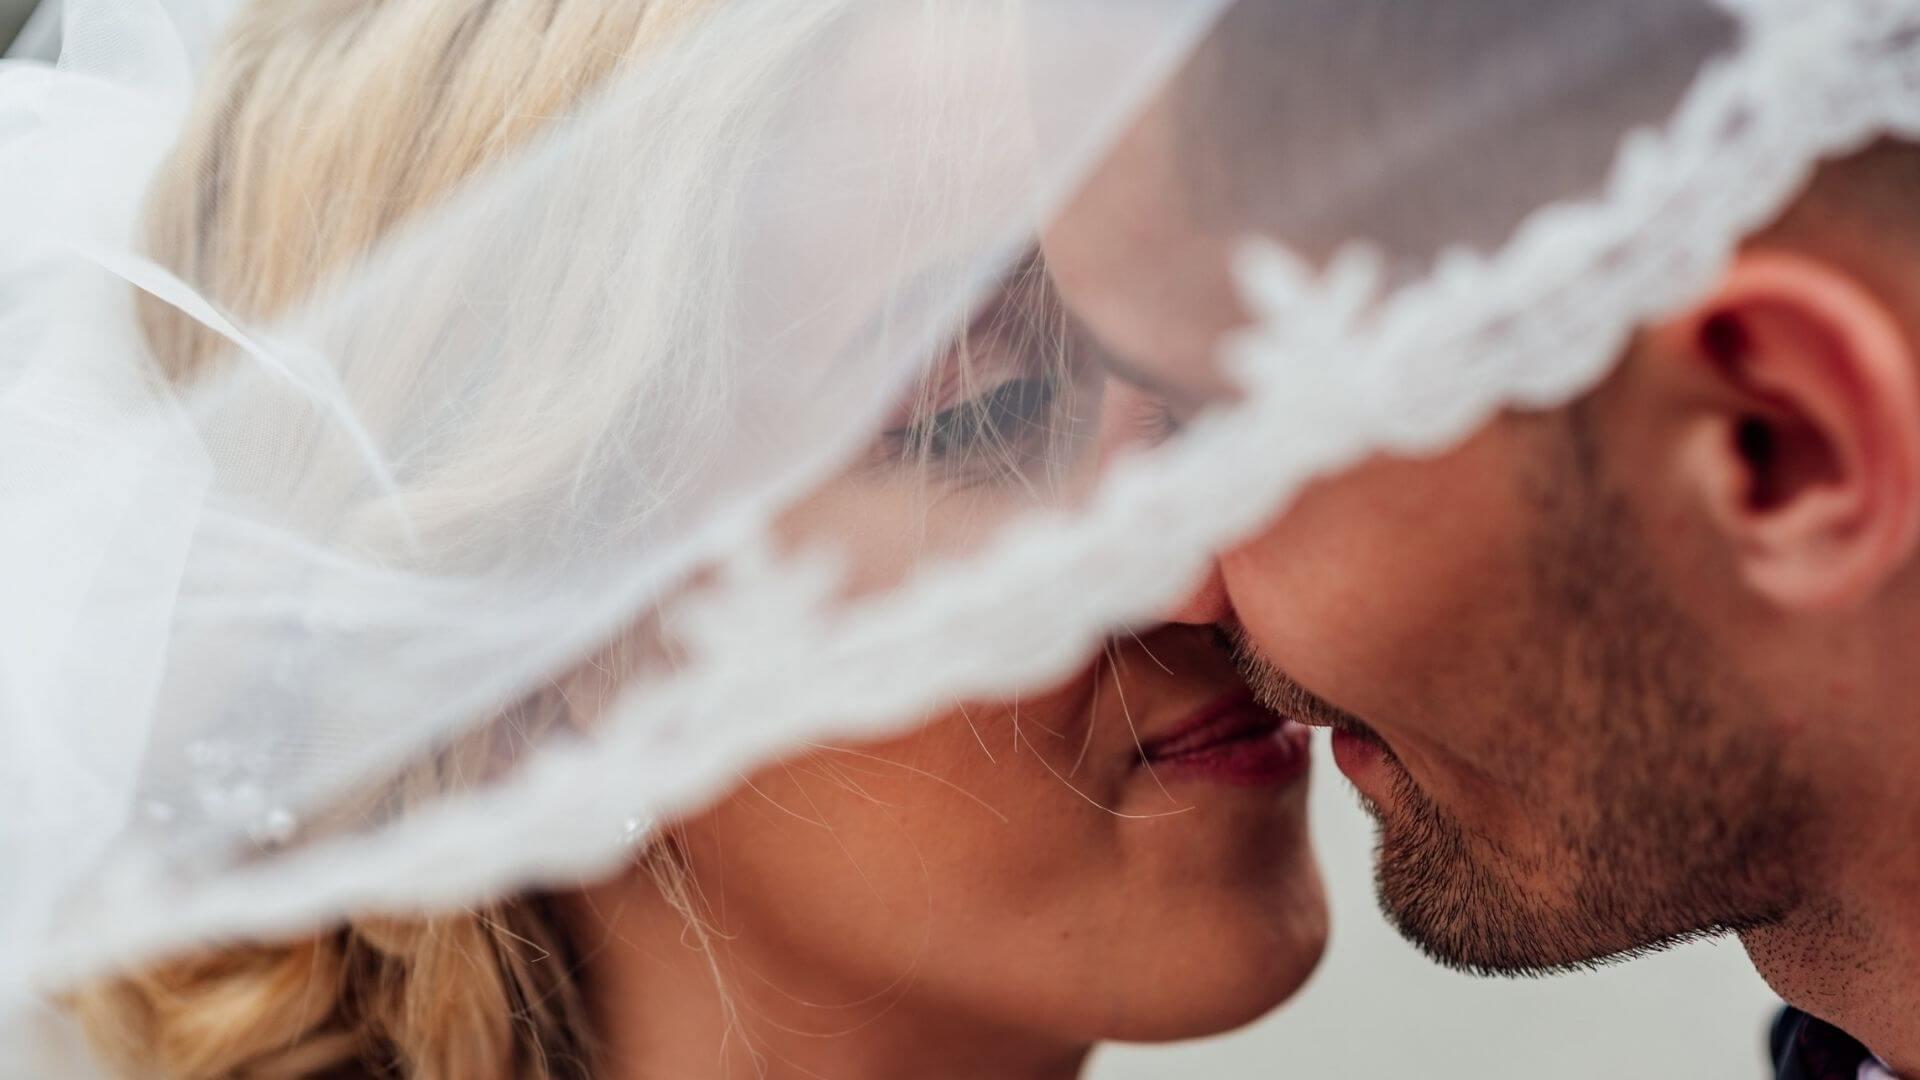 Votre photographe - vidéaste de mariage à Arras